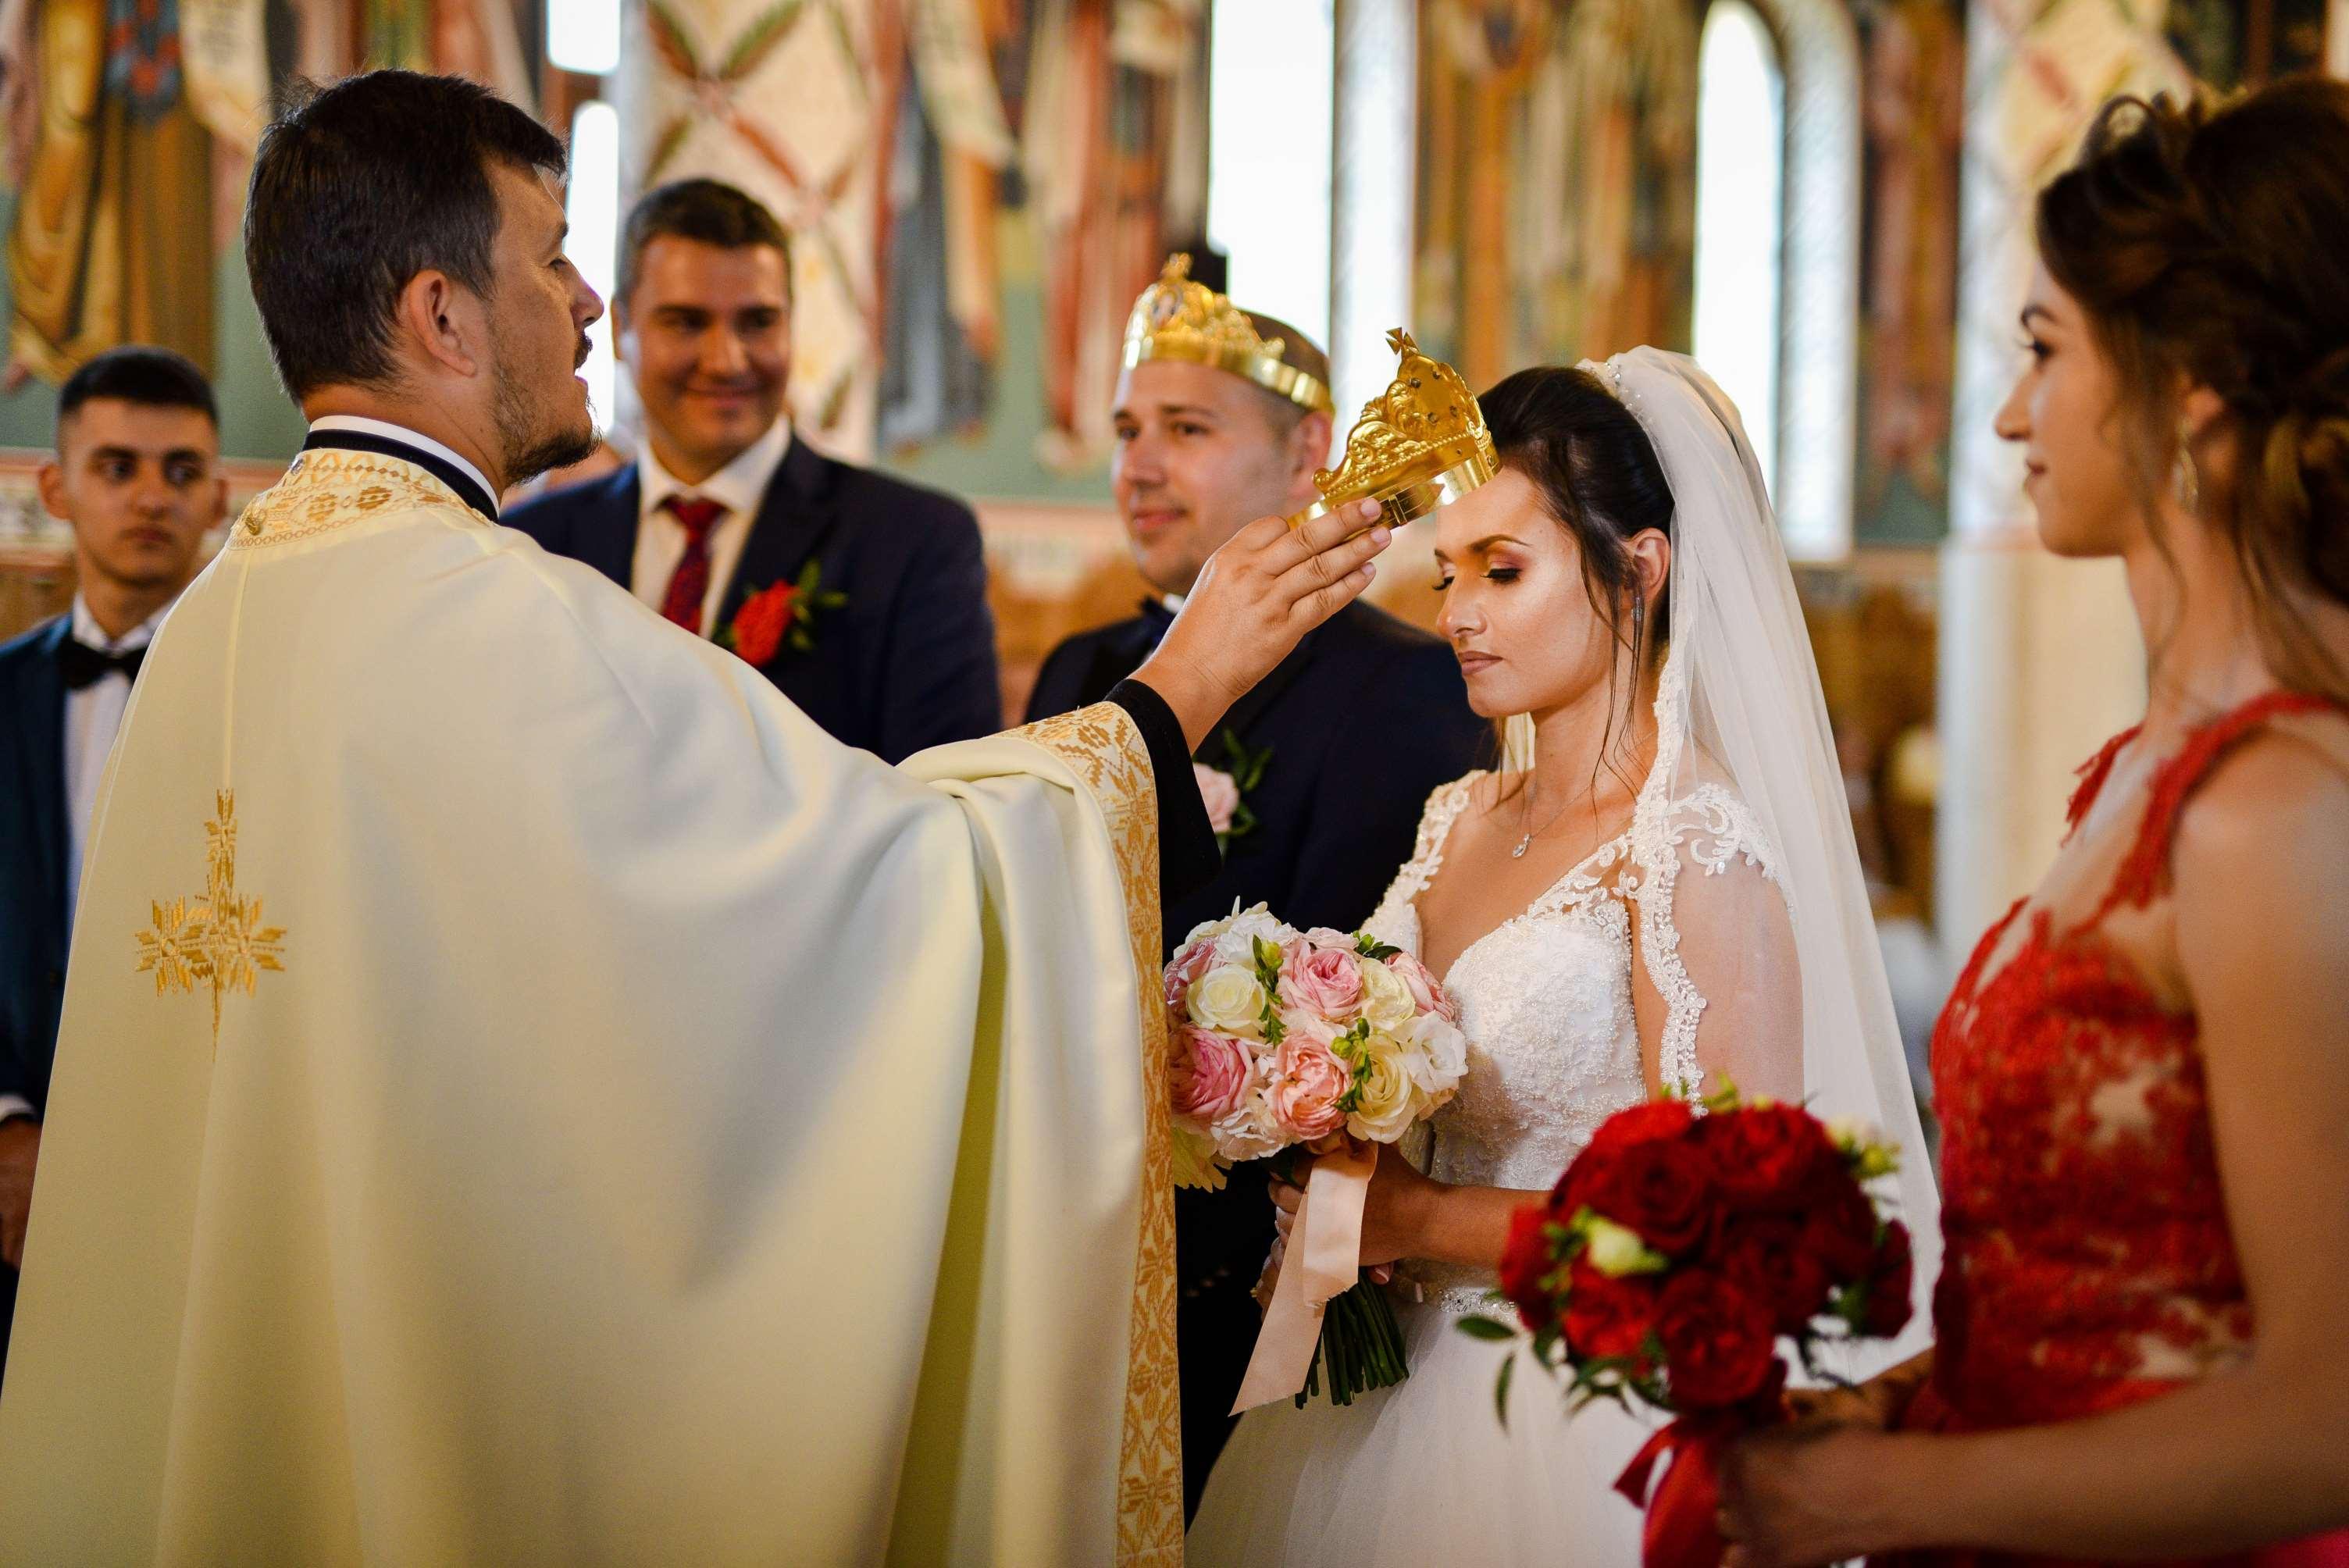 Nunta-Sibiu-fotograf-32